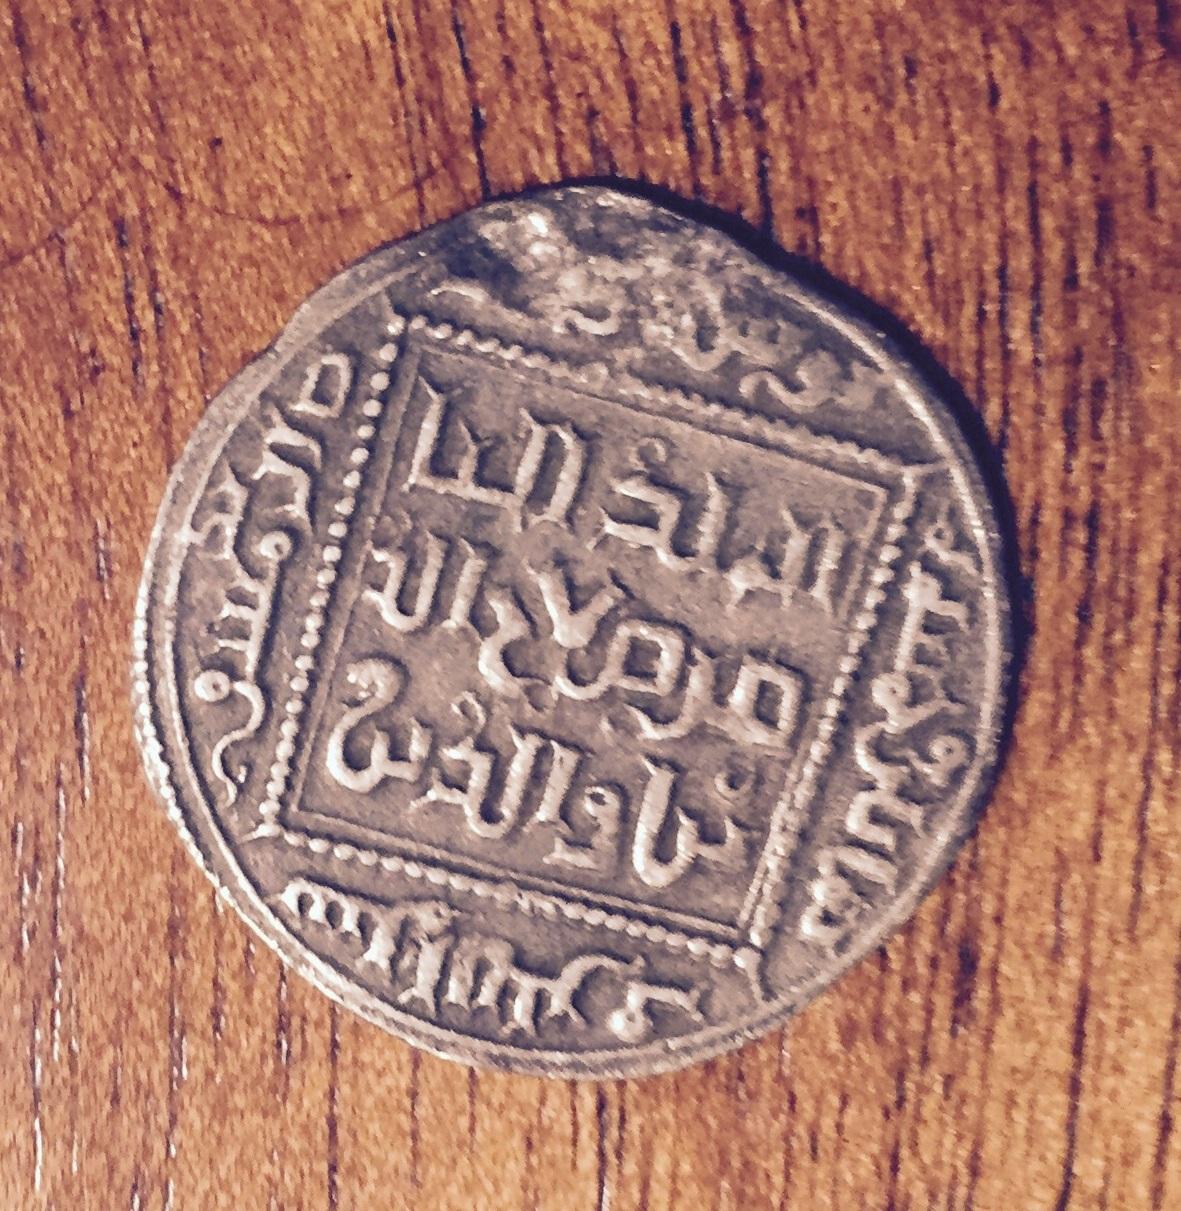 ṣalāḥ ad dīn An-nasir al ad-d n y suf ibn ayy b: dynasty: ayyubid: father: najm ad-d n ayy b: religion: sunni islam : saladin's biographer bah ' ad-d n ibn add d reports that, after saladin's conquest of jerusalem.